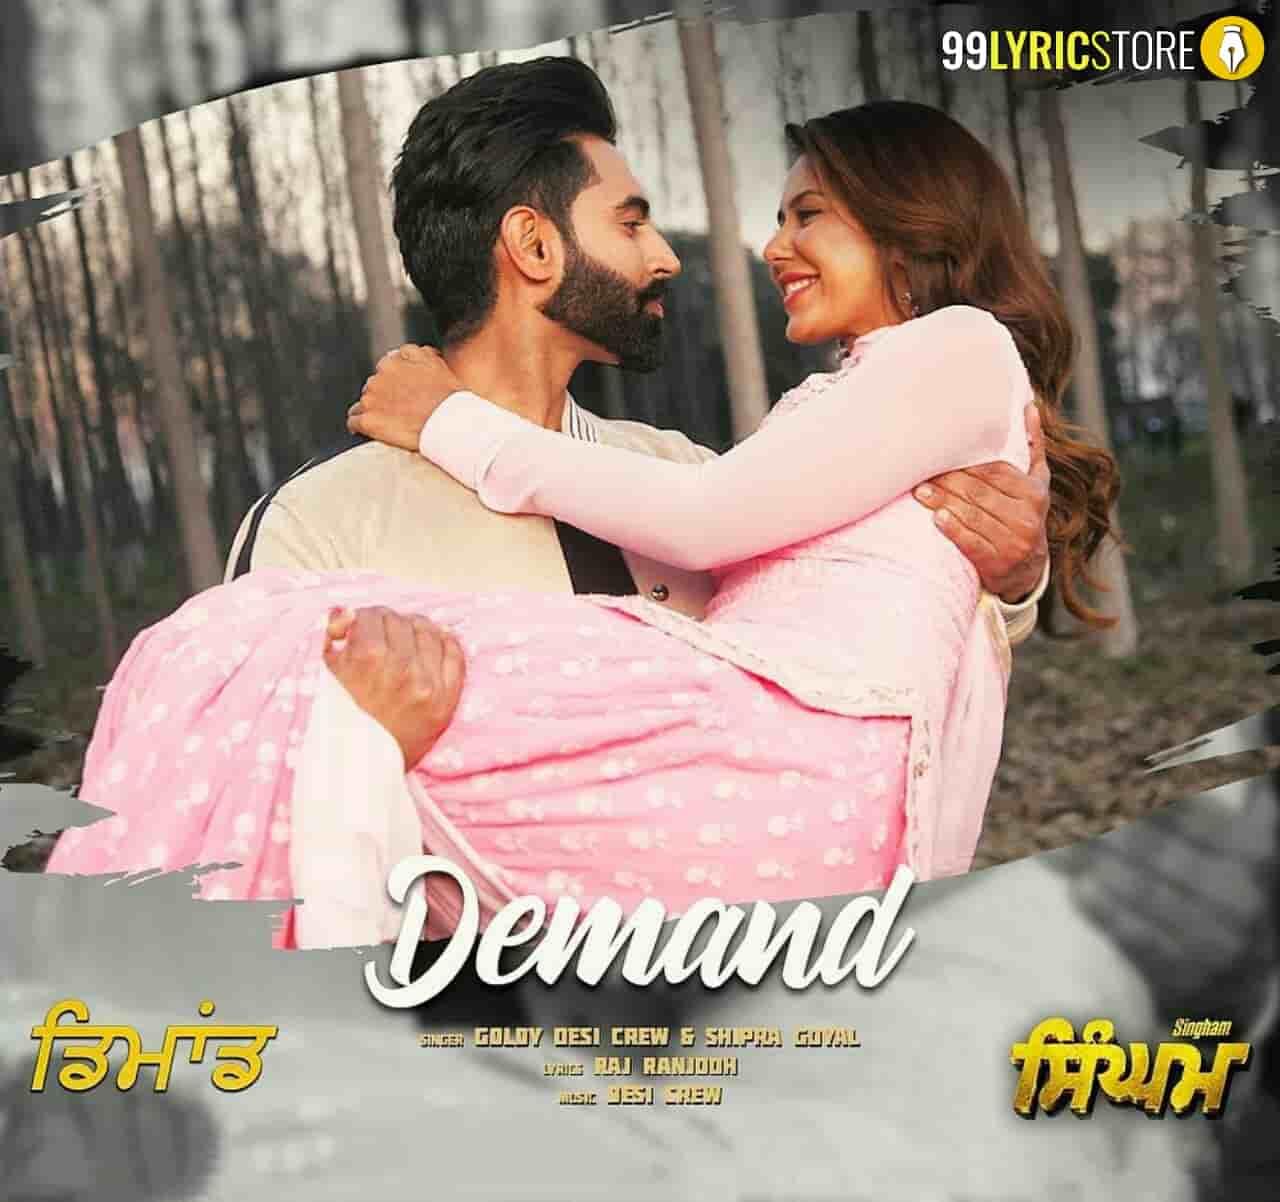 Demand Punjabi Song Lyrics from Punjabi movie Singham